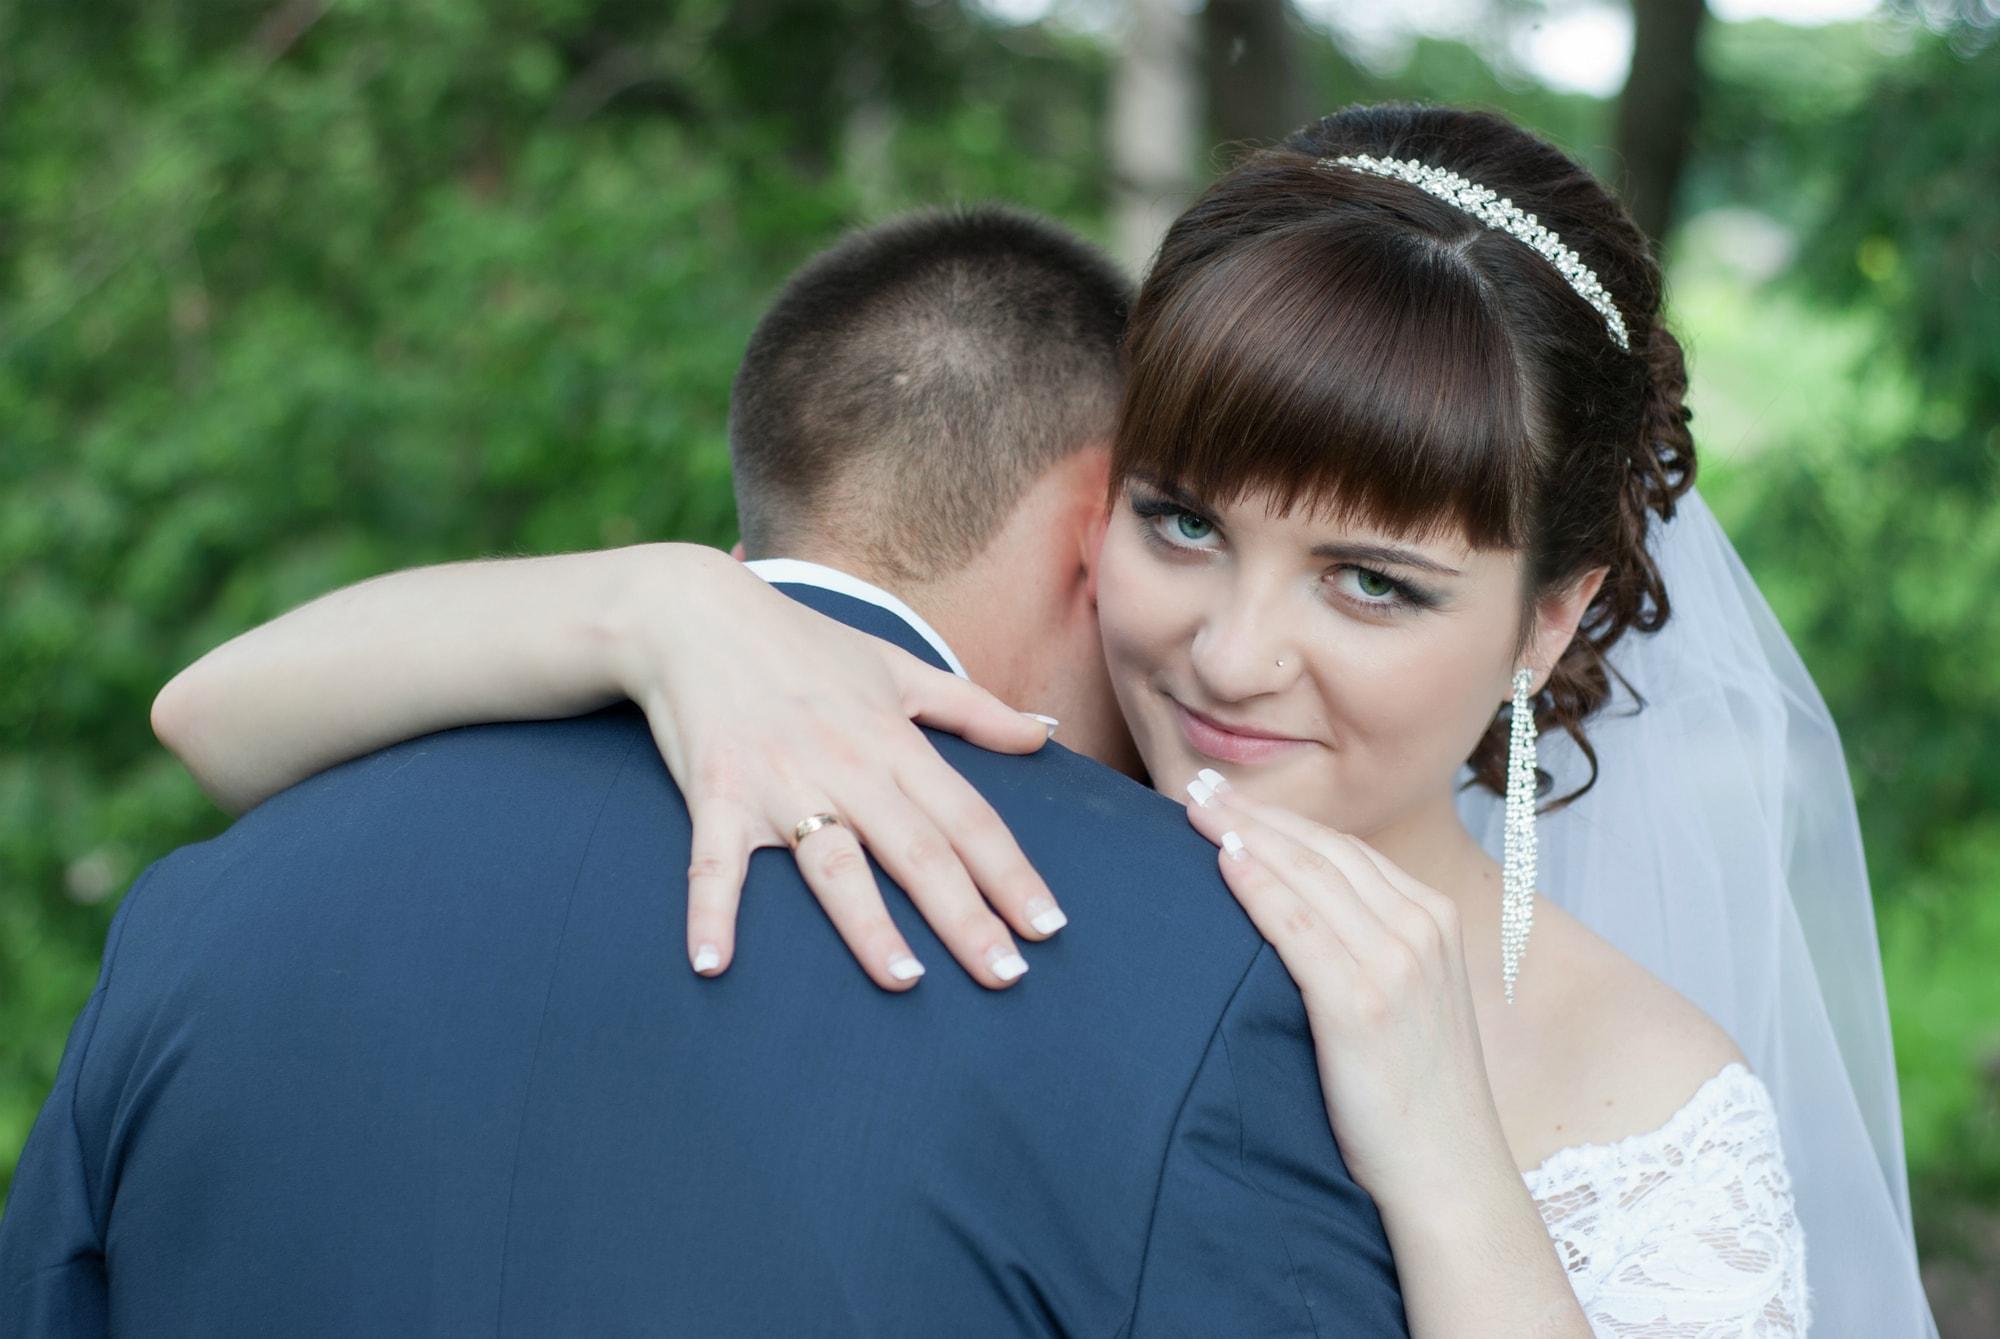 Обнимая мужа в ботсаду - Фотограф Киев - Женя Лайт